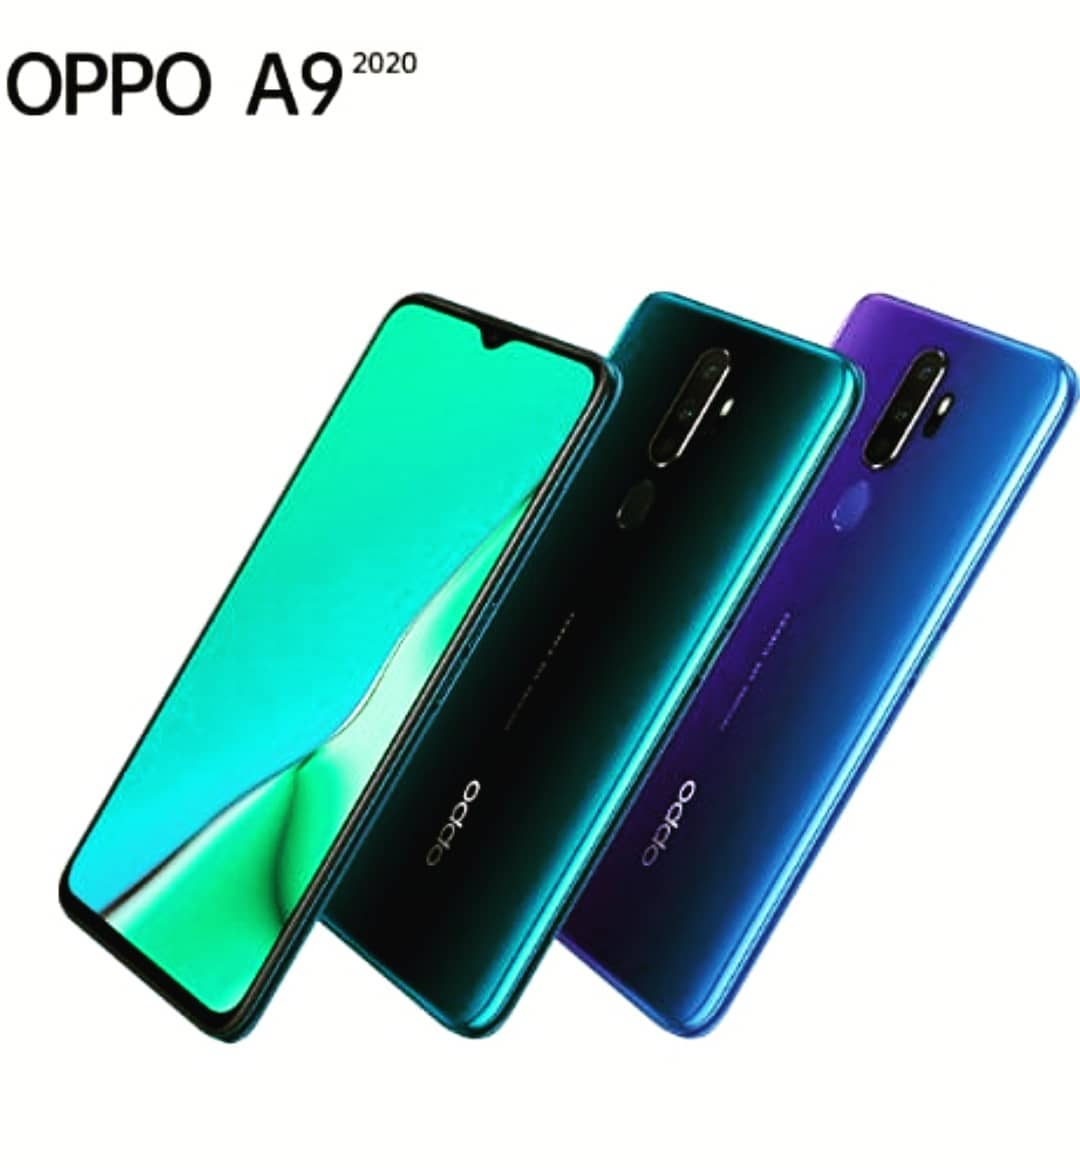 - ▷ OPPO A9 2020 sẽ có camera quad, Snapdragon 665 trở lên »- 2